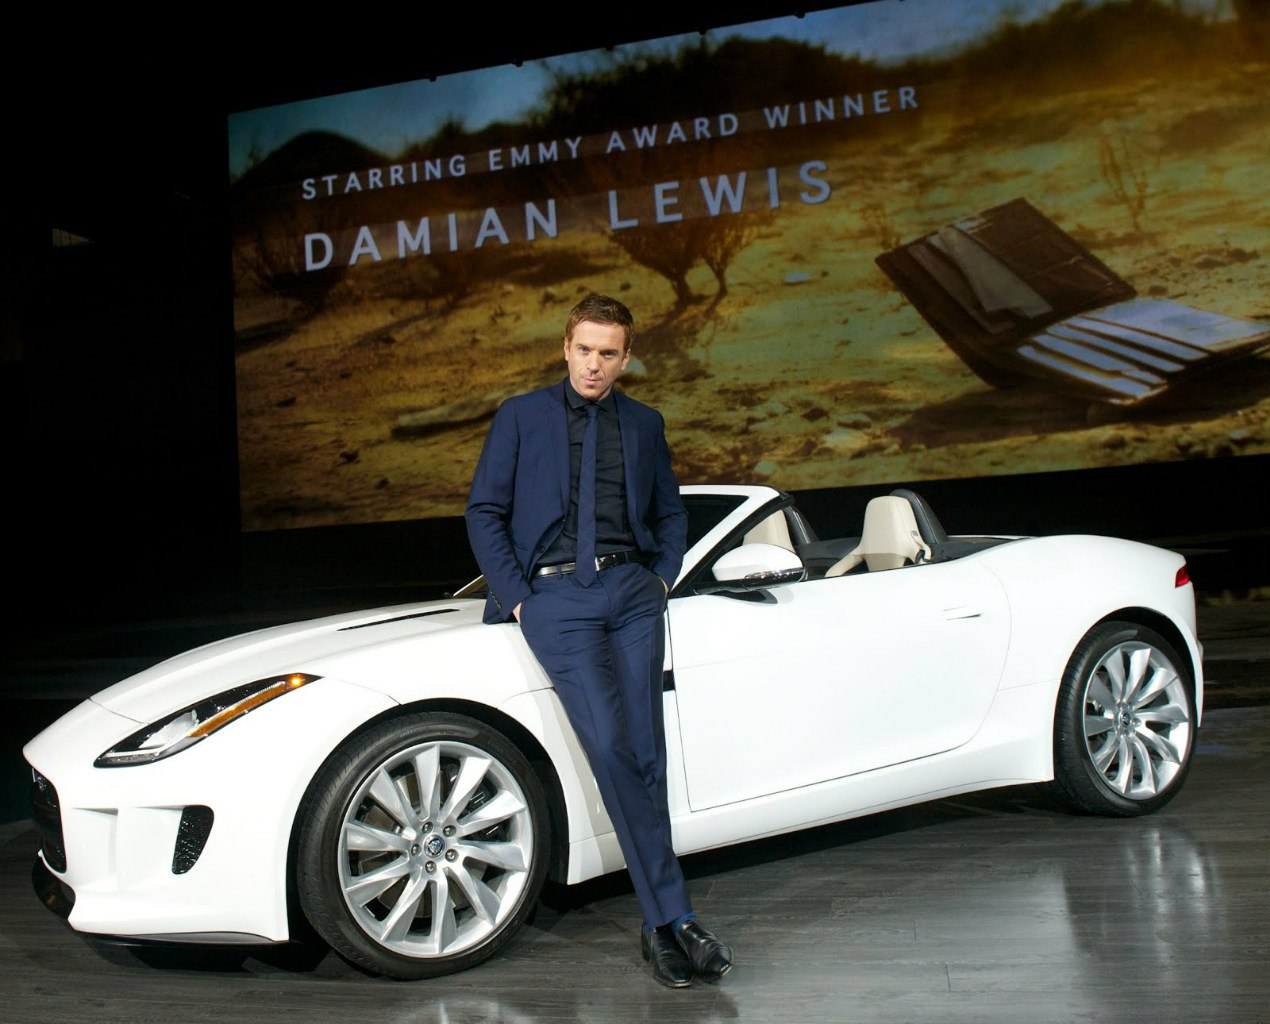 Jaguar F-type Damian Lewis